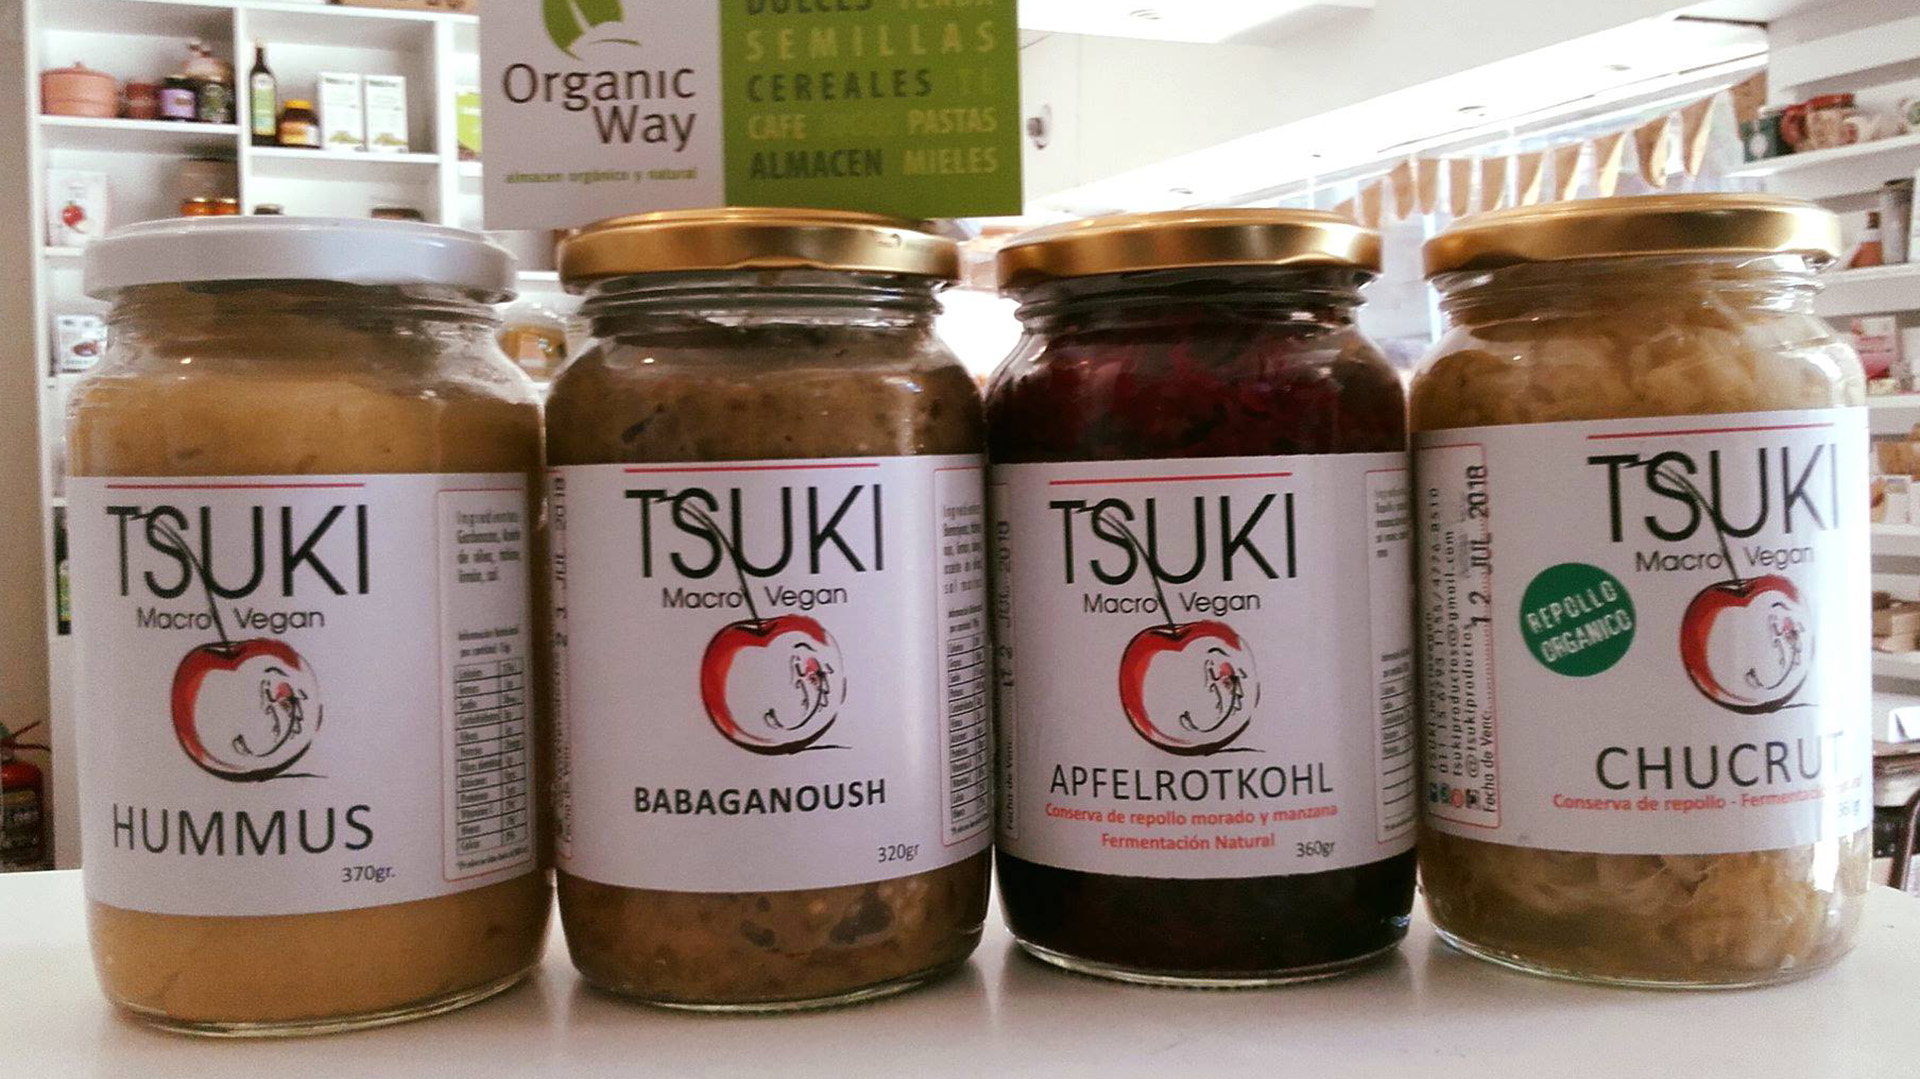 La marca fabricante Tsuki no tenía en regla las normas sanitarias para la elaboración de productos (Facebook)